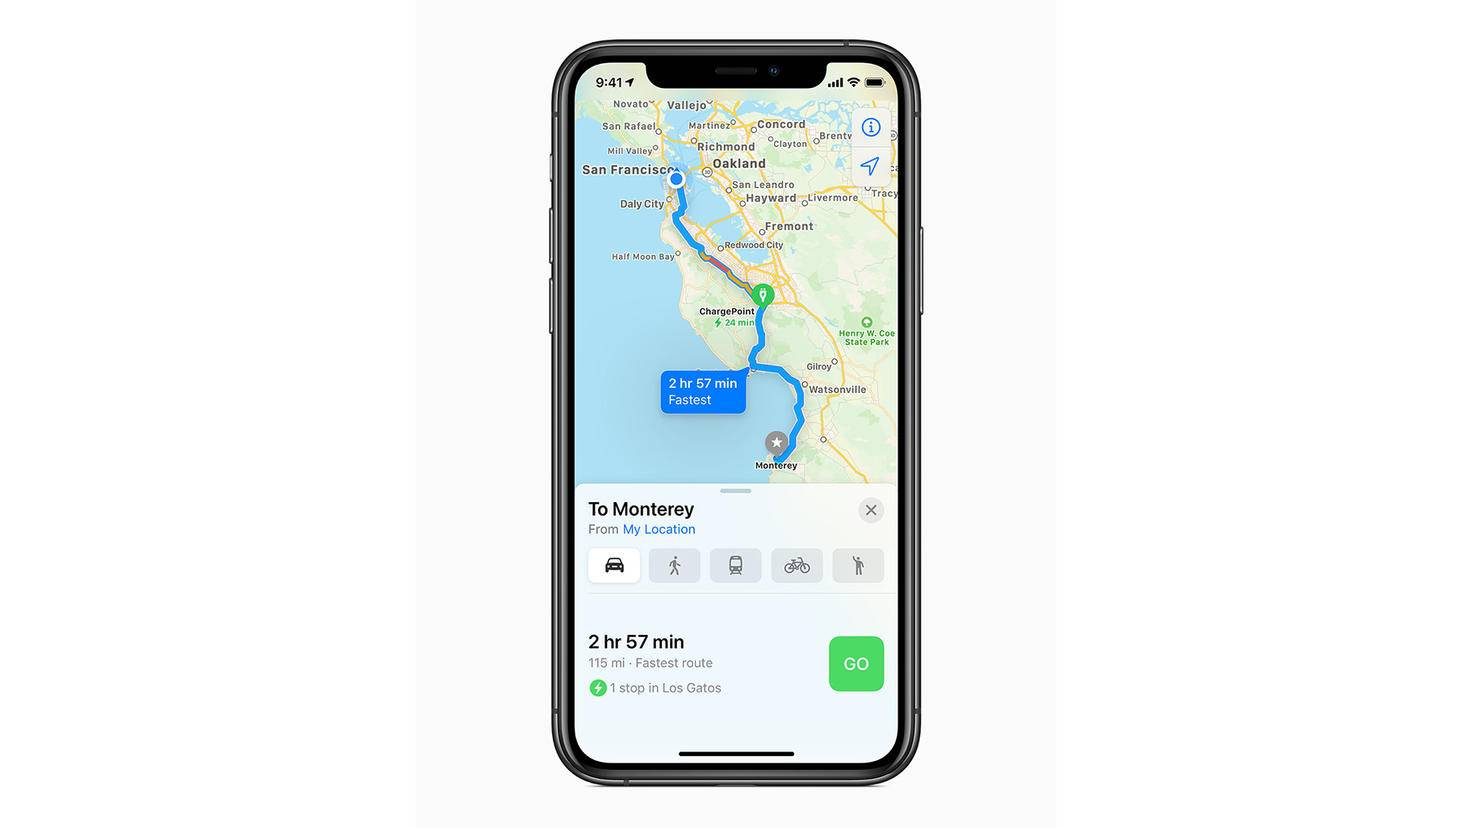 apple-maps-ios-14